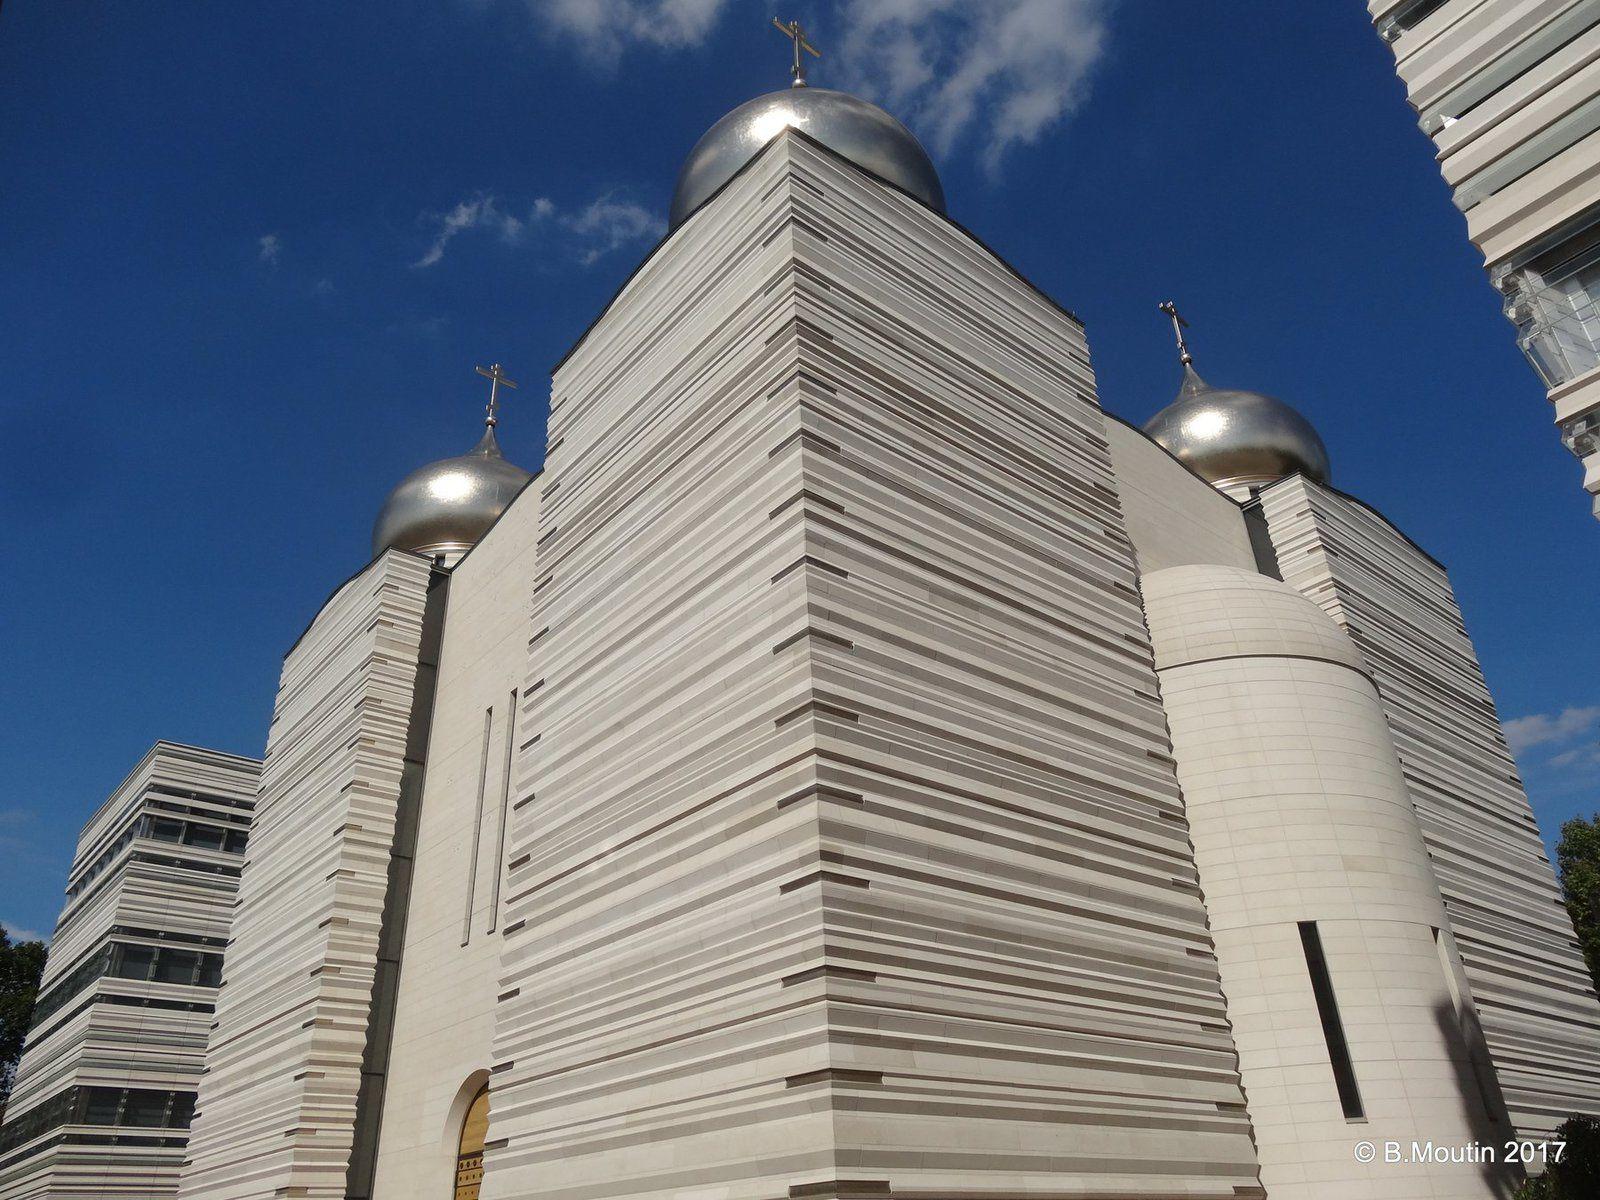 La nouvelle Cathédrale orthodoxe de Paris (Wilmotte architecte)